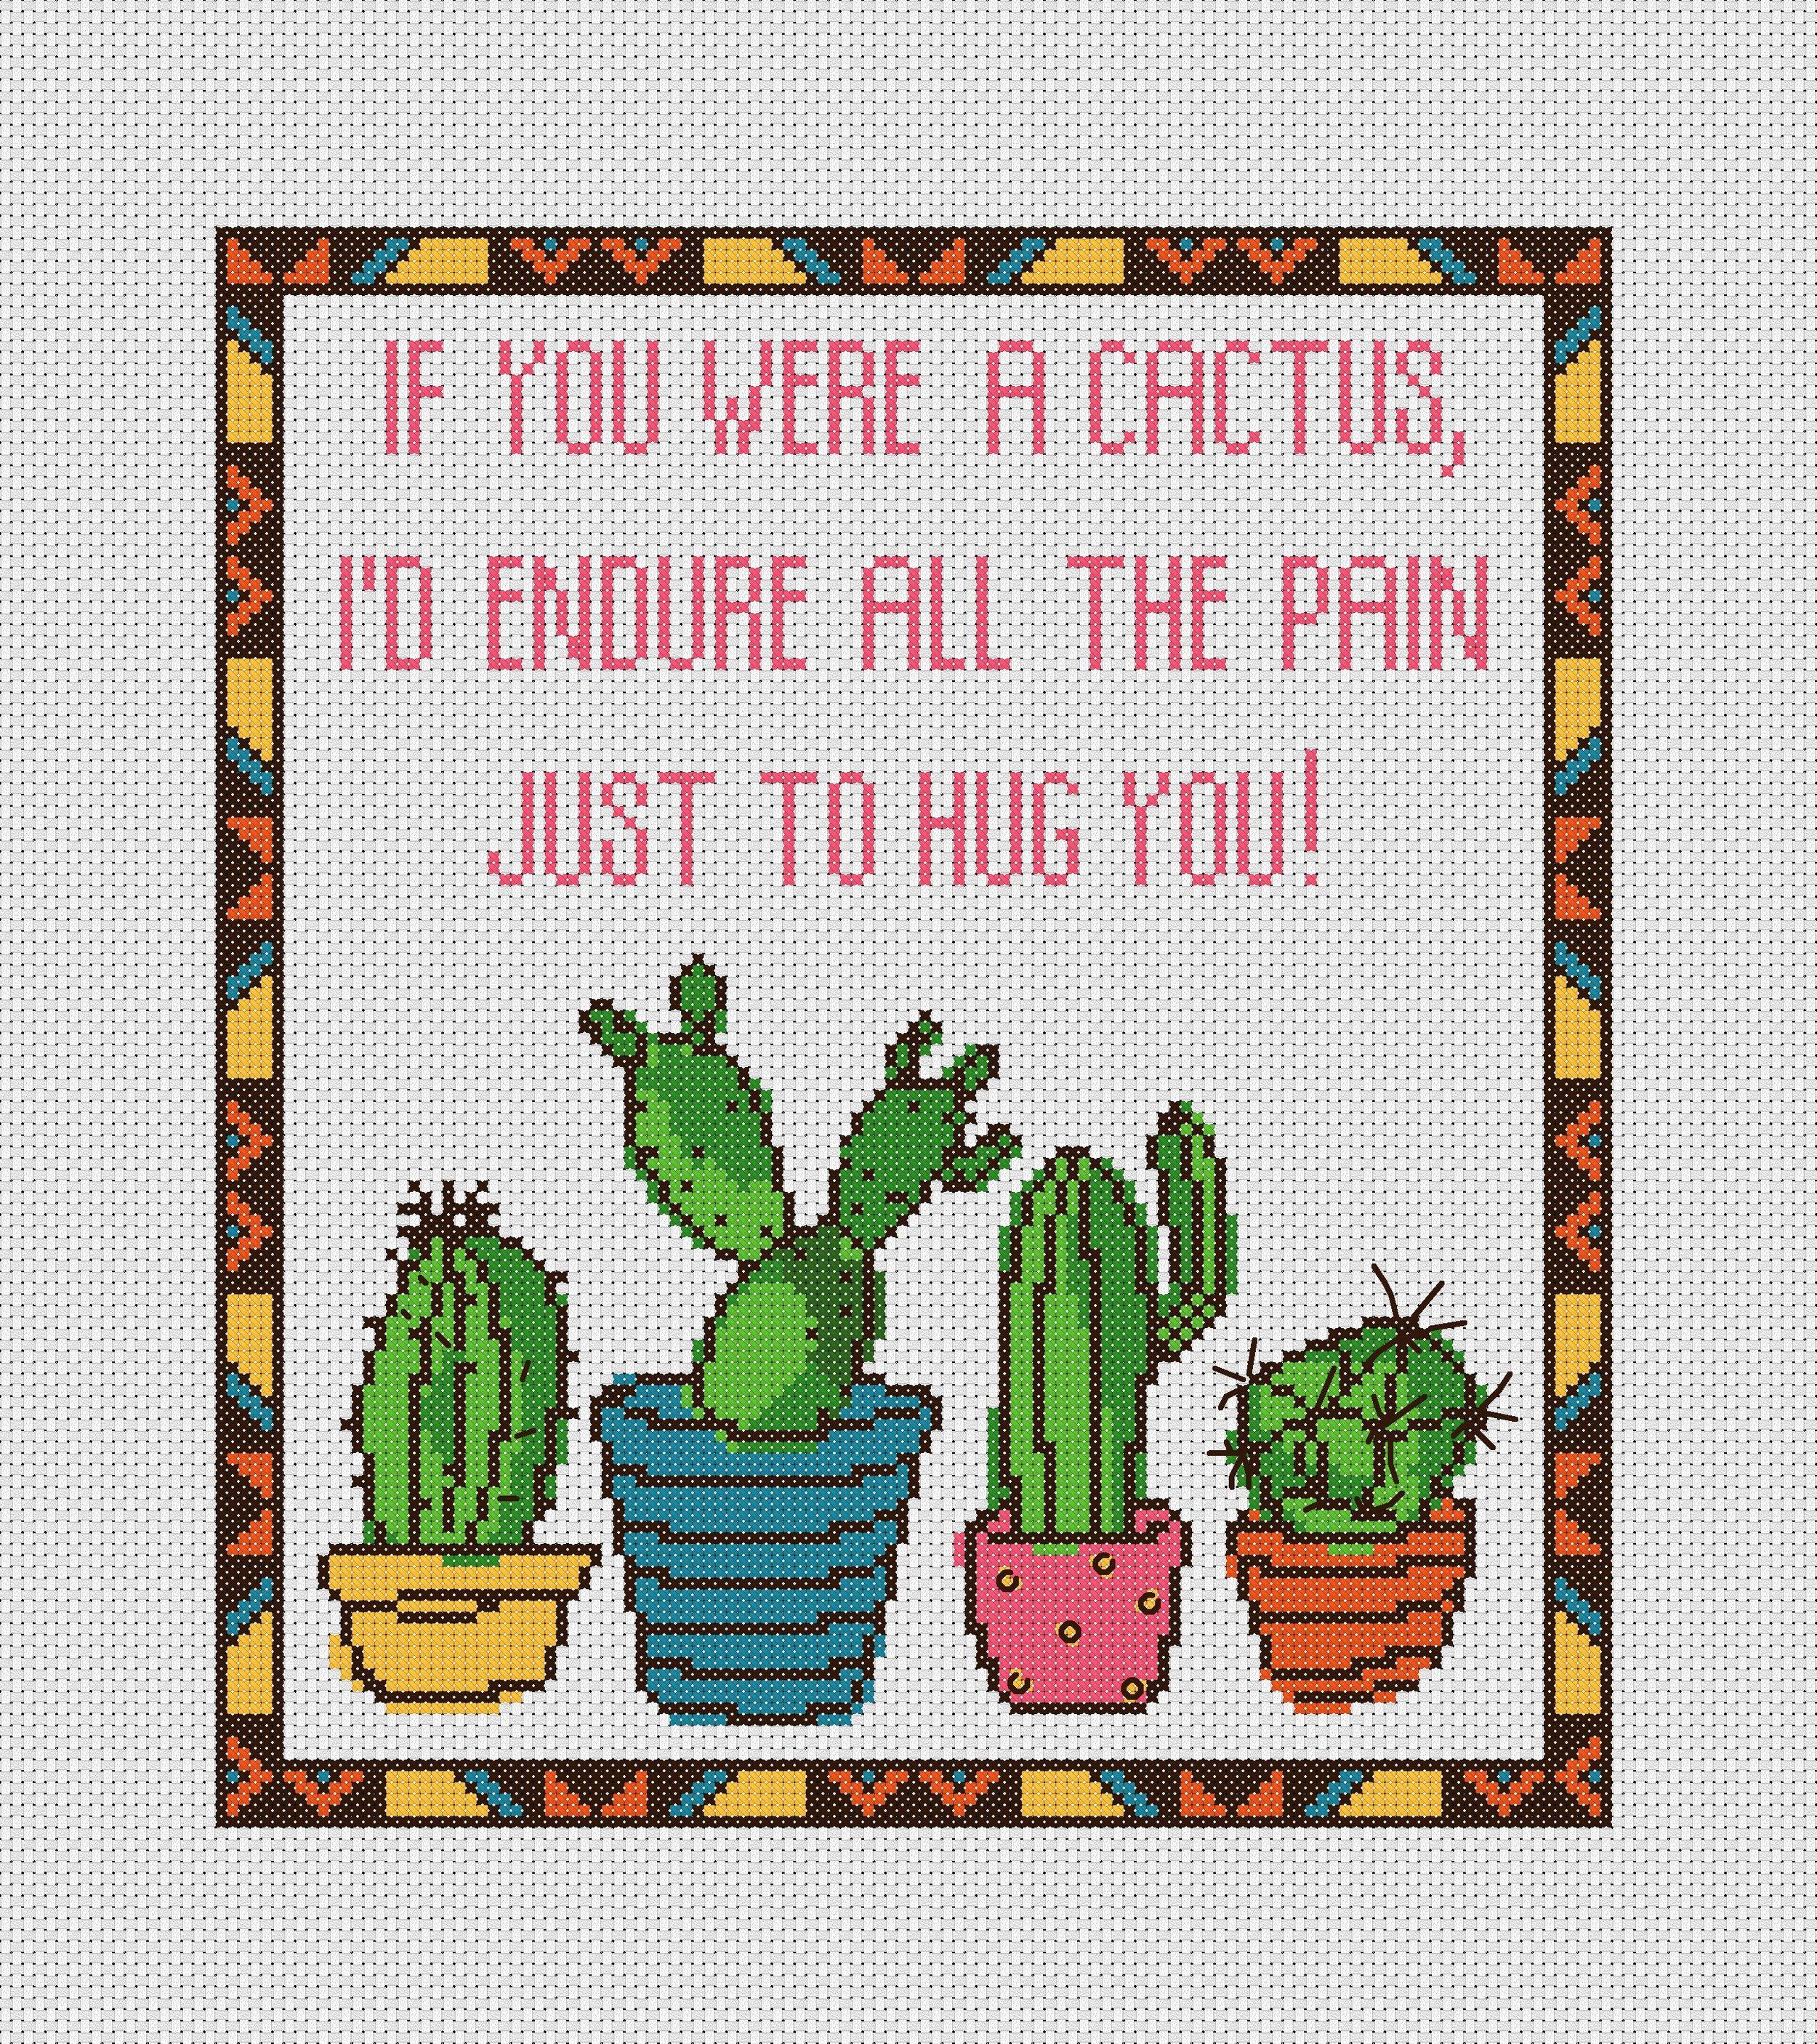 Cactus_Cover.jpg